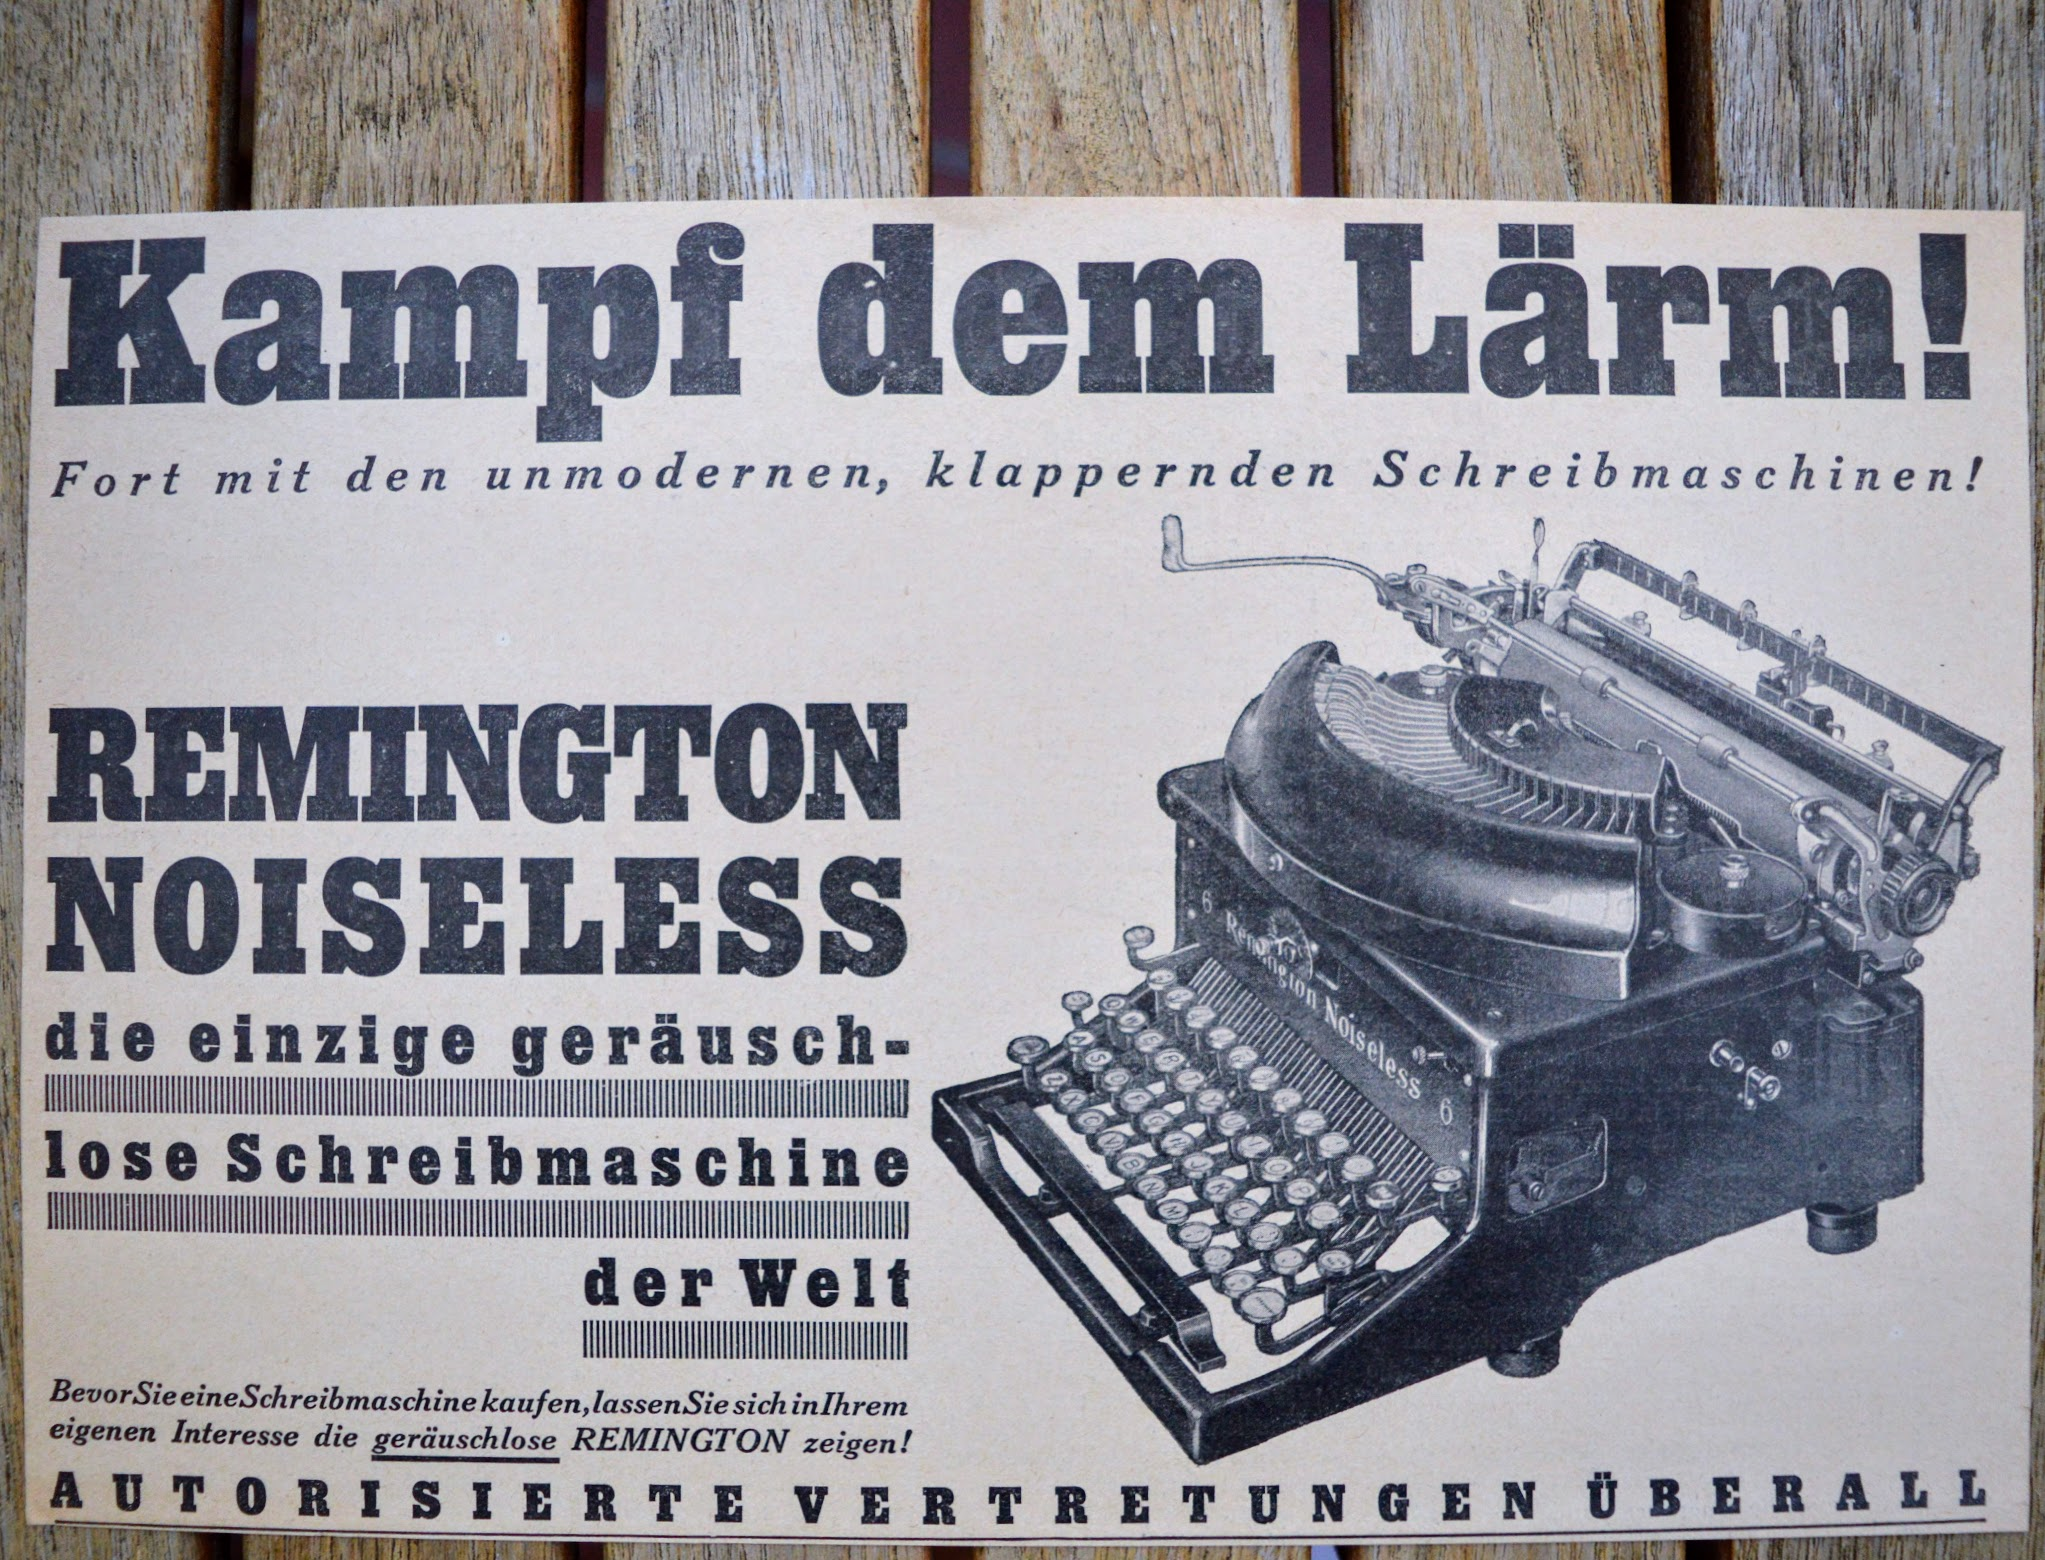 Remington Noiseless - Werbung - Kampf dem Lärm!